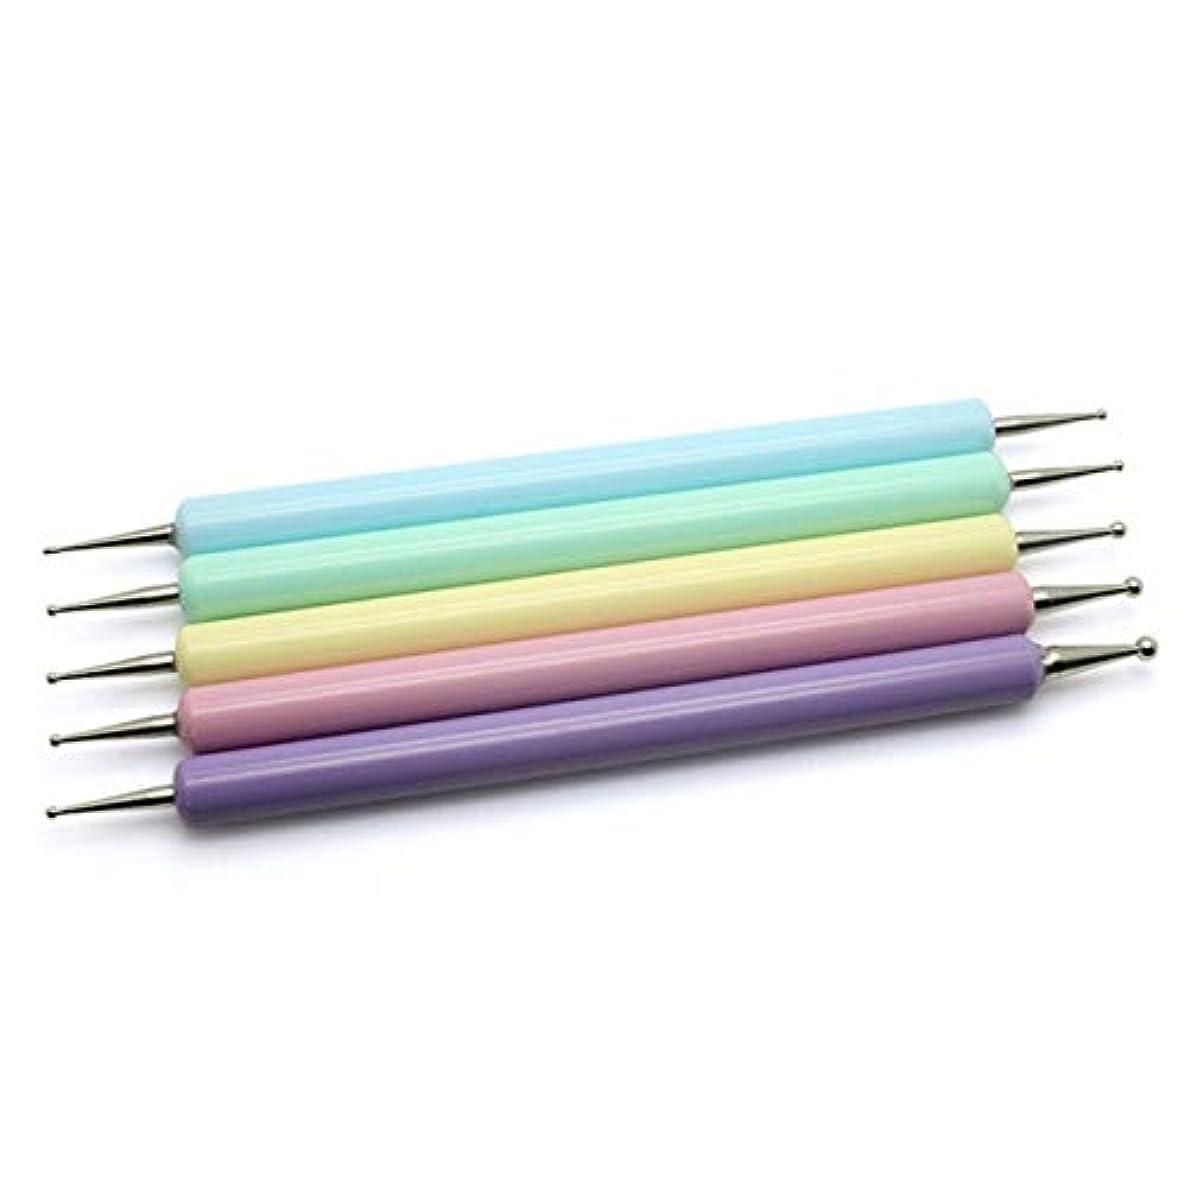 増幅する生産的いつでもサリーの店 フォントレスネイルアートドリルペンダブルヘッド充填ライン鉛筆花アクリル棒フック花描画ドットマニキュアデザインツール(None Picture Color)